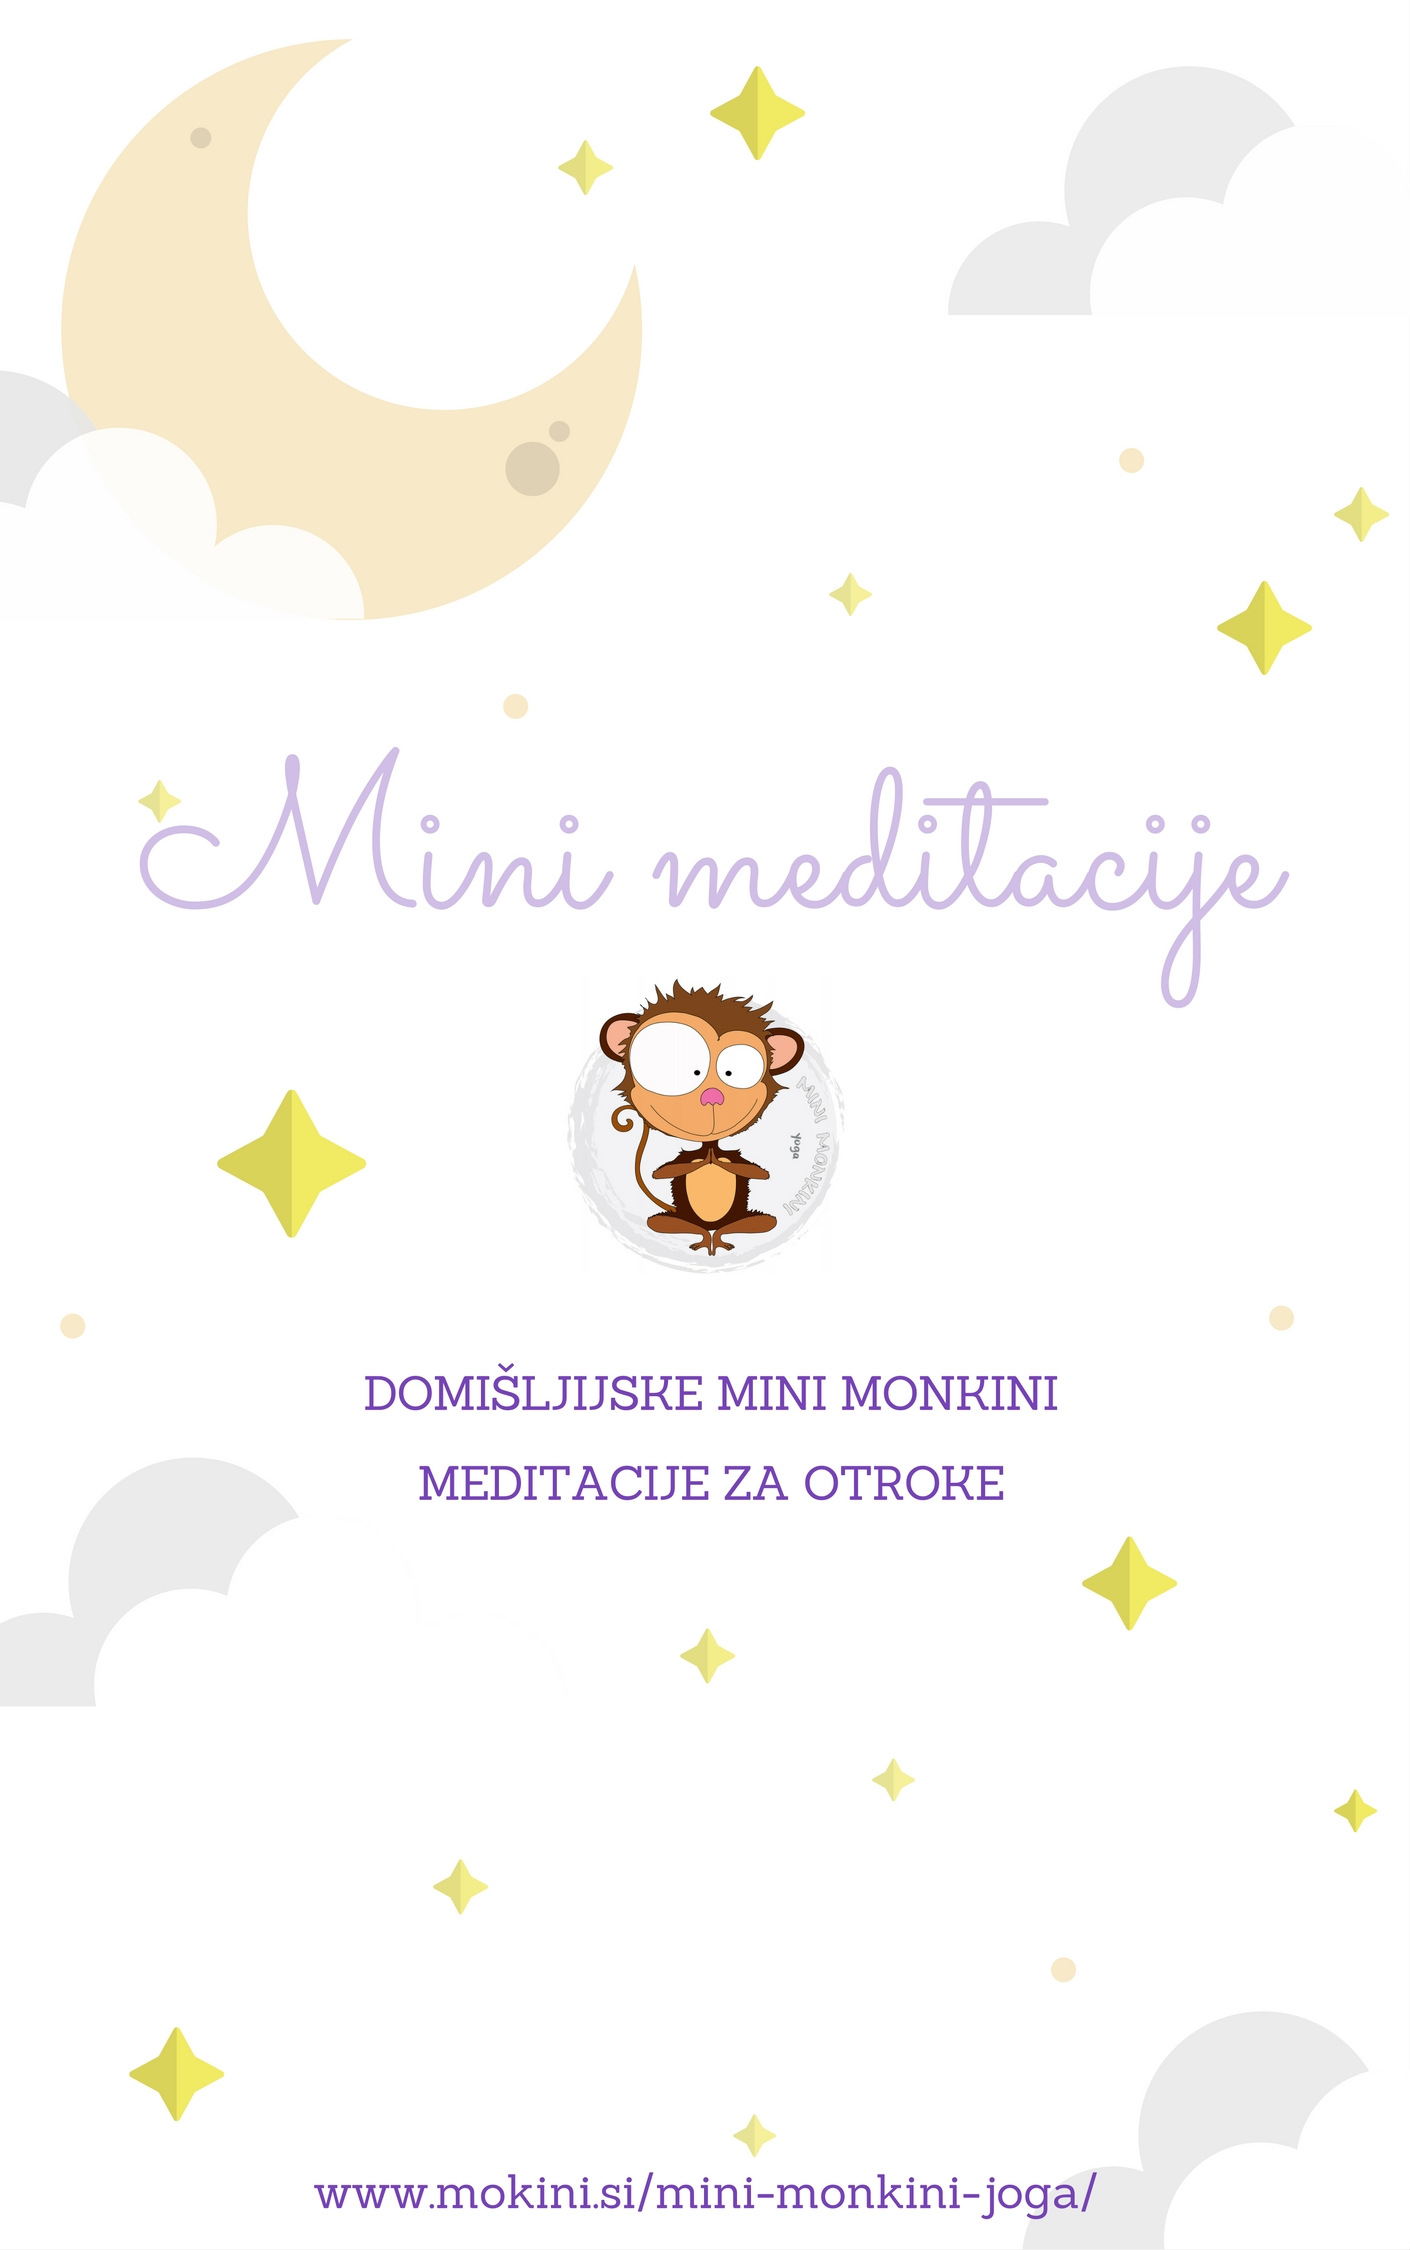 Mini meditacije (1)